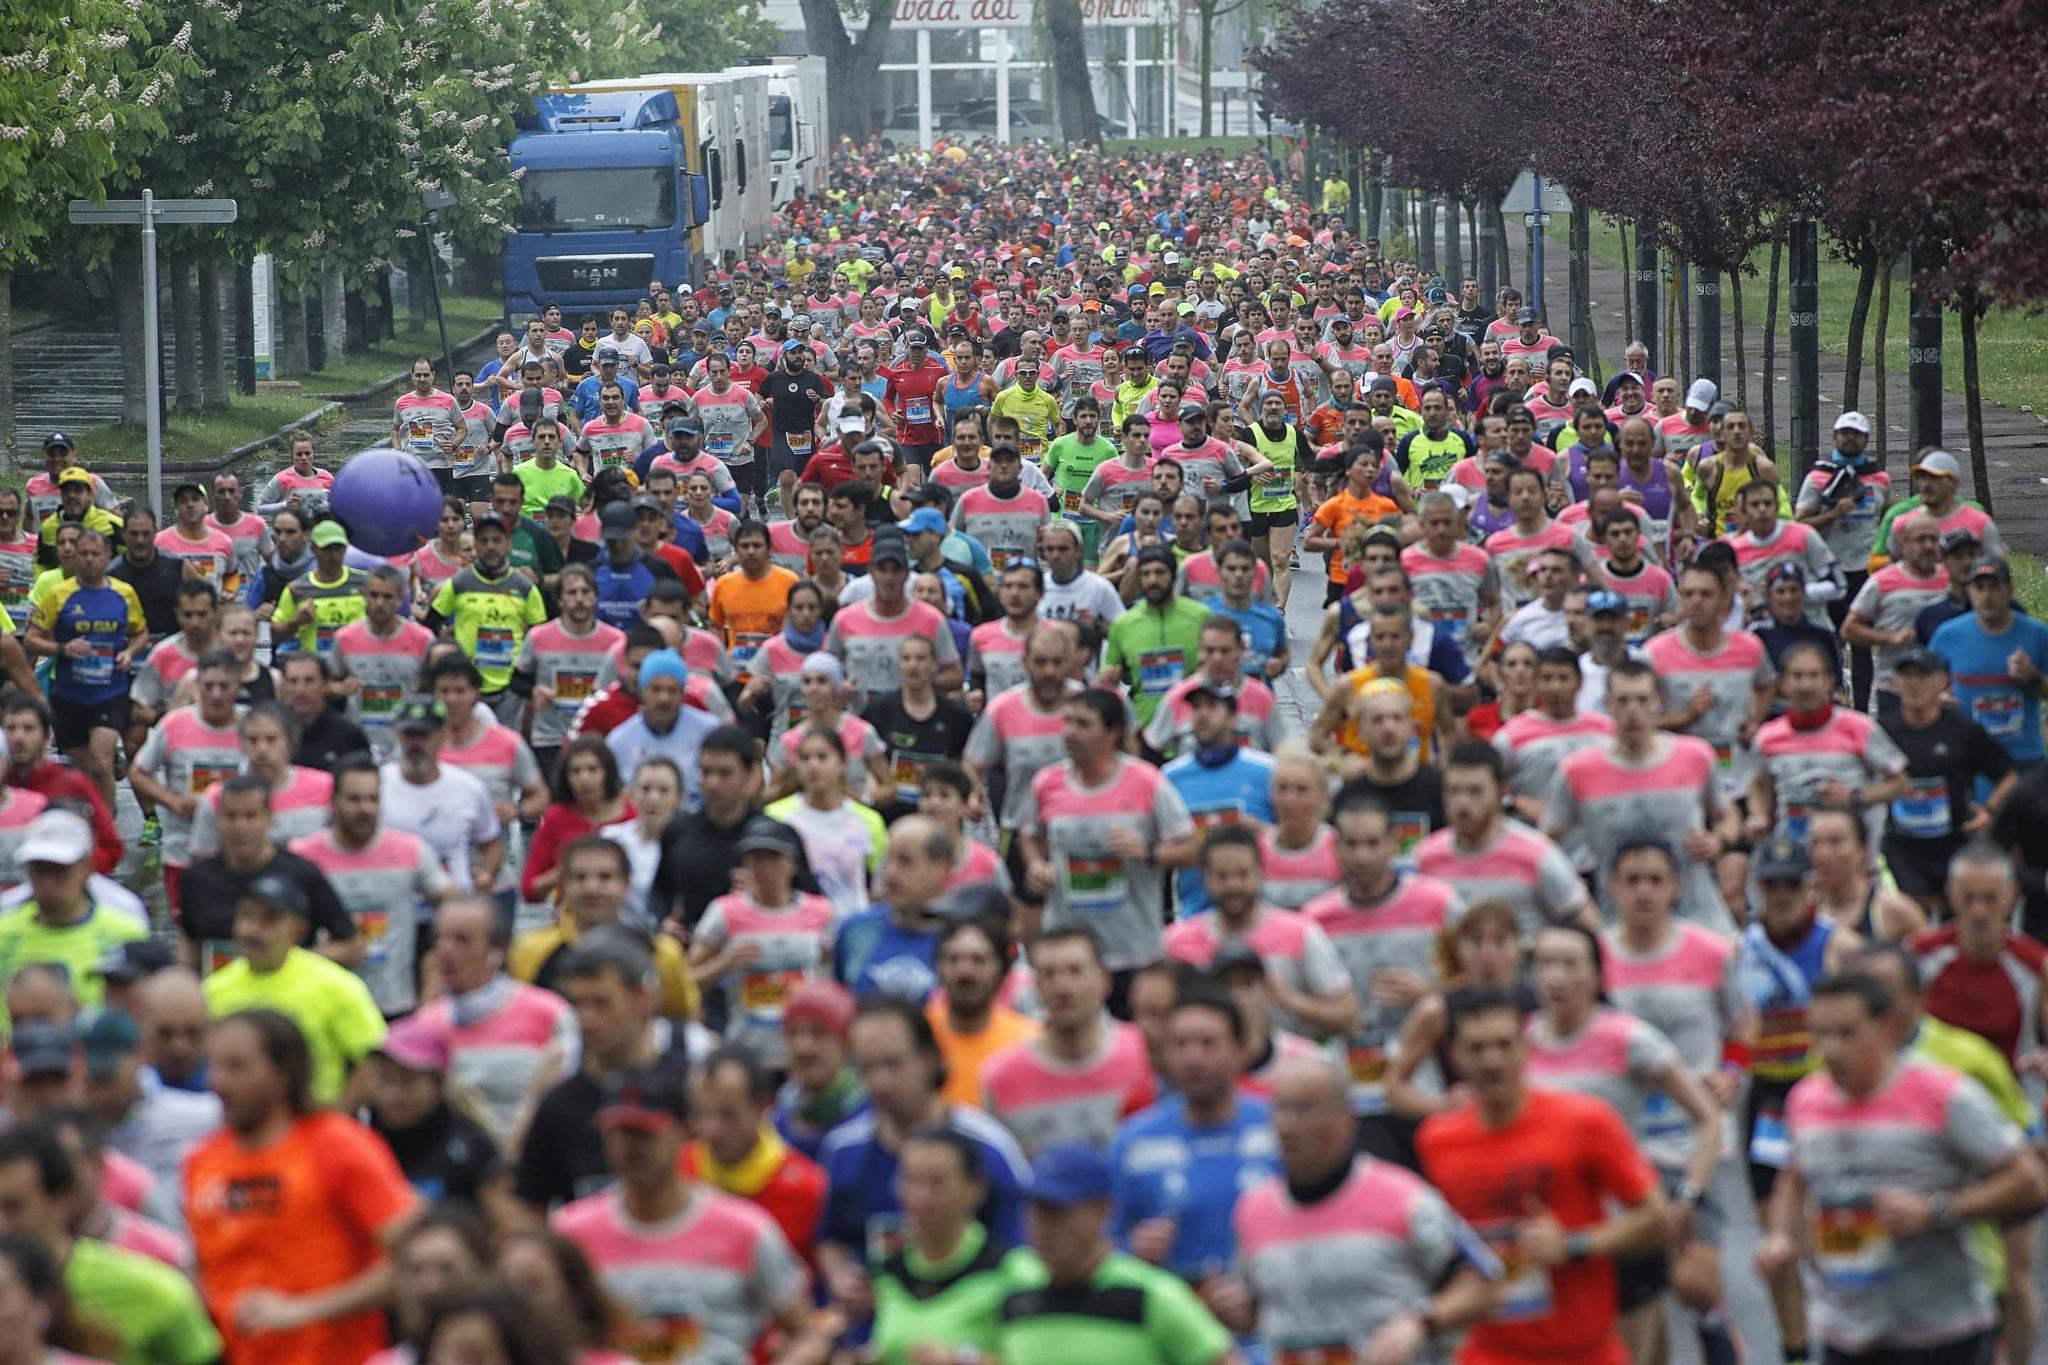 Los participantes del Maratón tras tomar la salida.